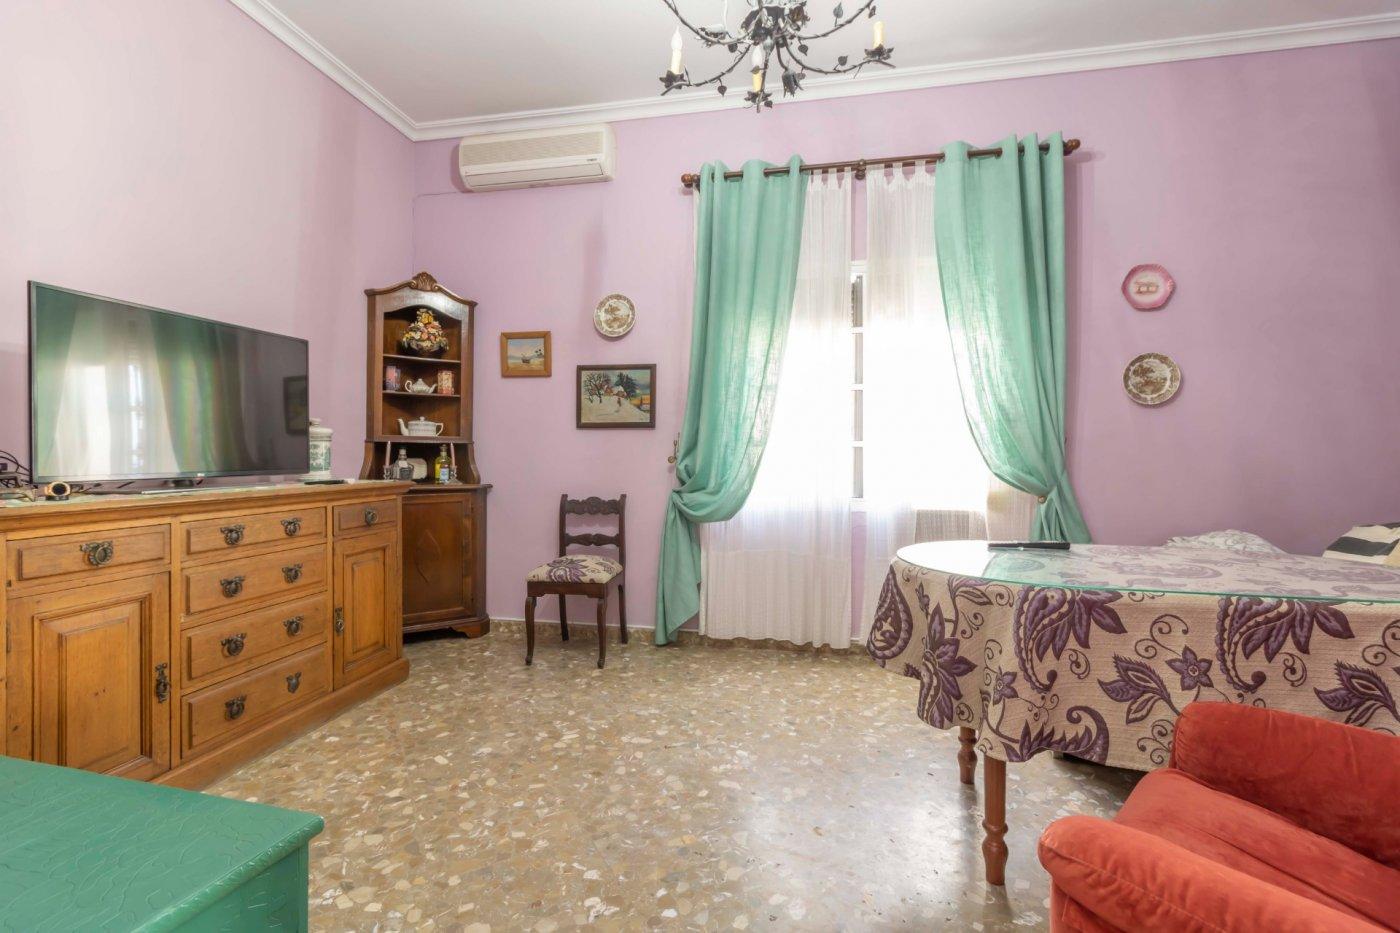 Casa a la venta en salteras - imagenInmueble10